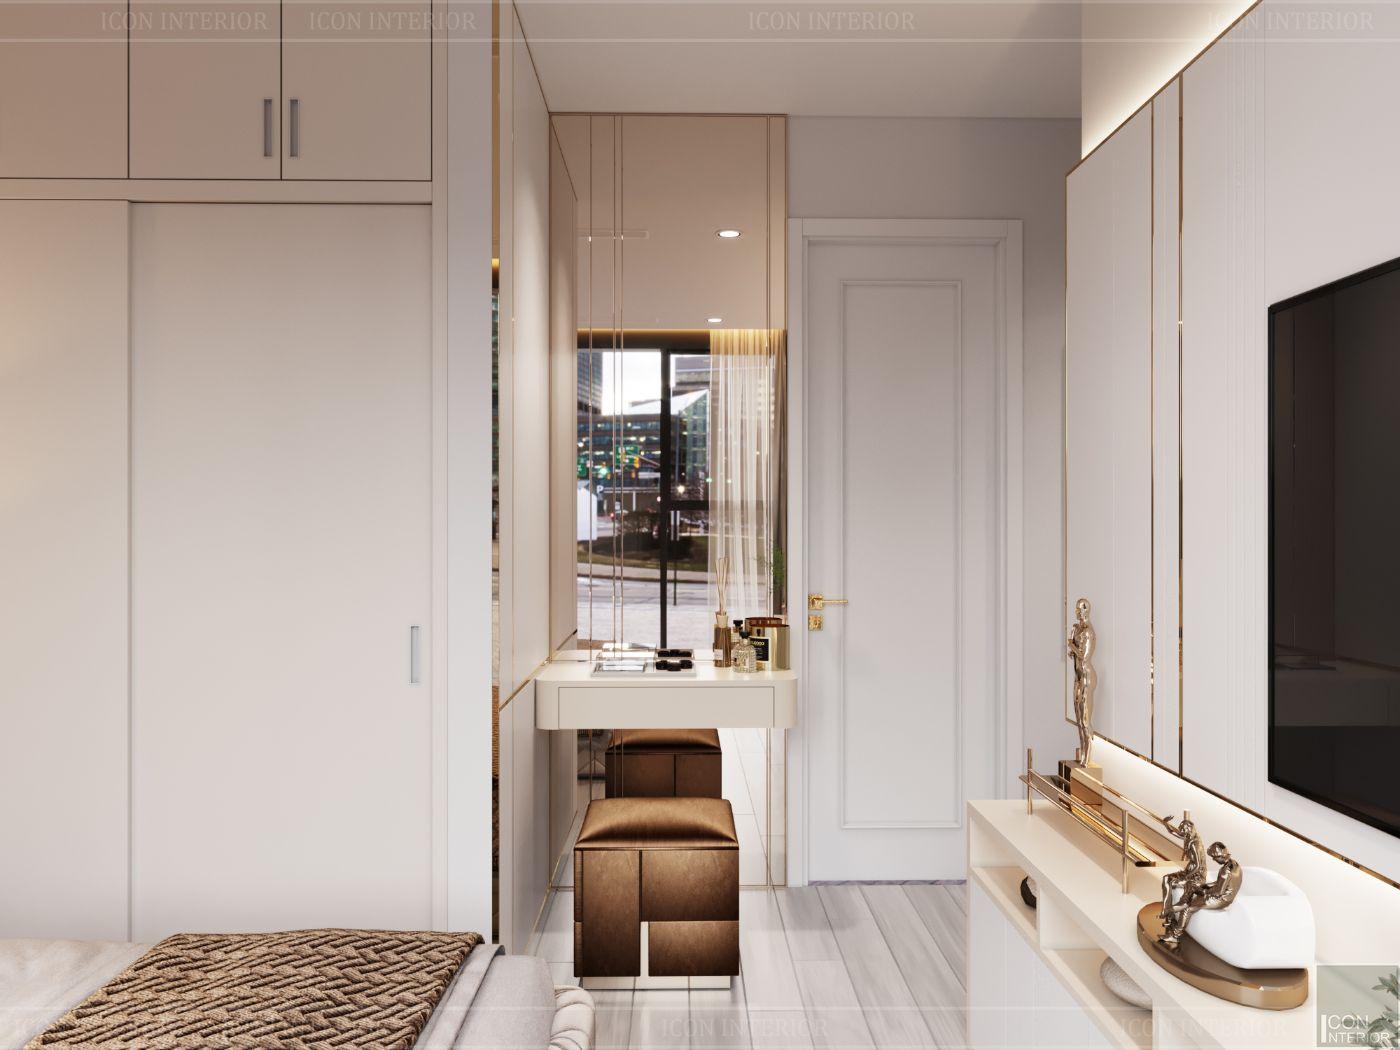 thiết kế căn hộ hiên đại - bàn trang điểm